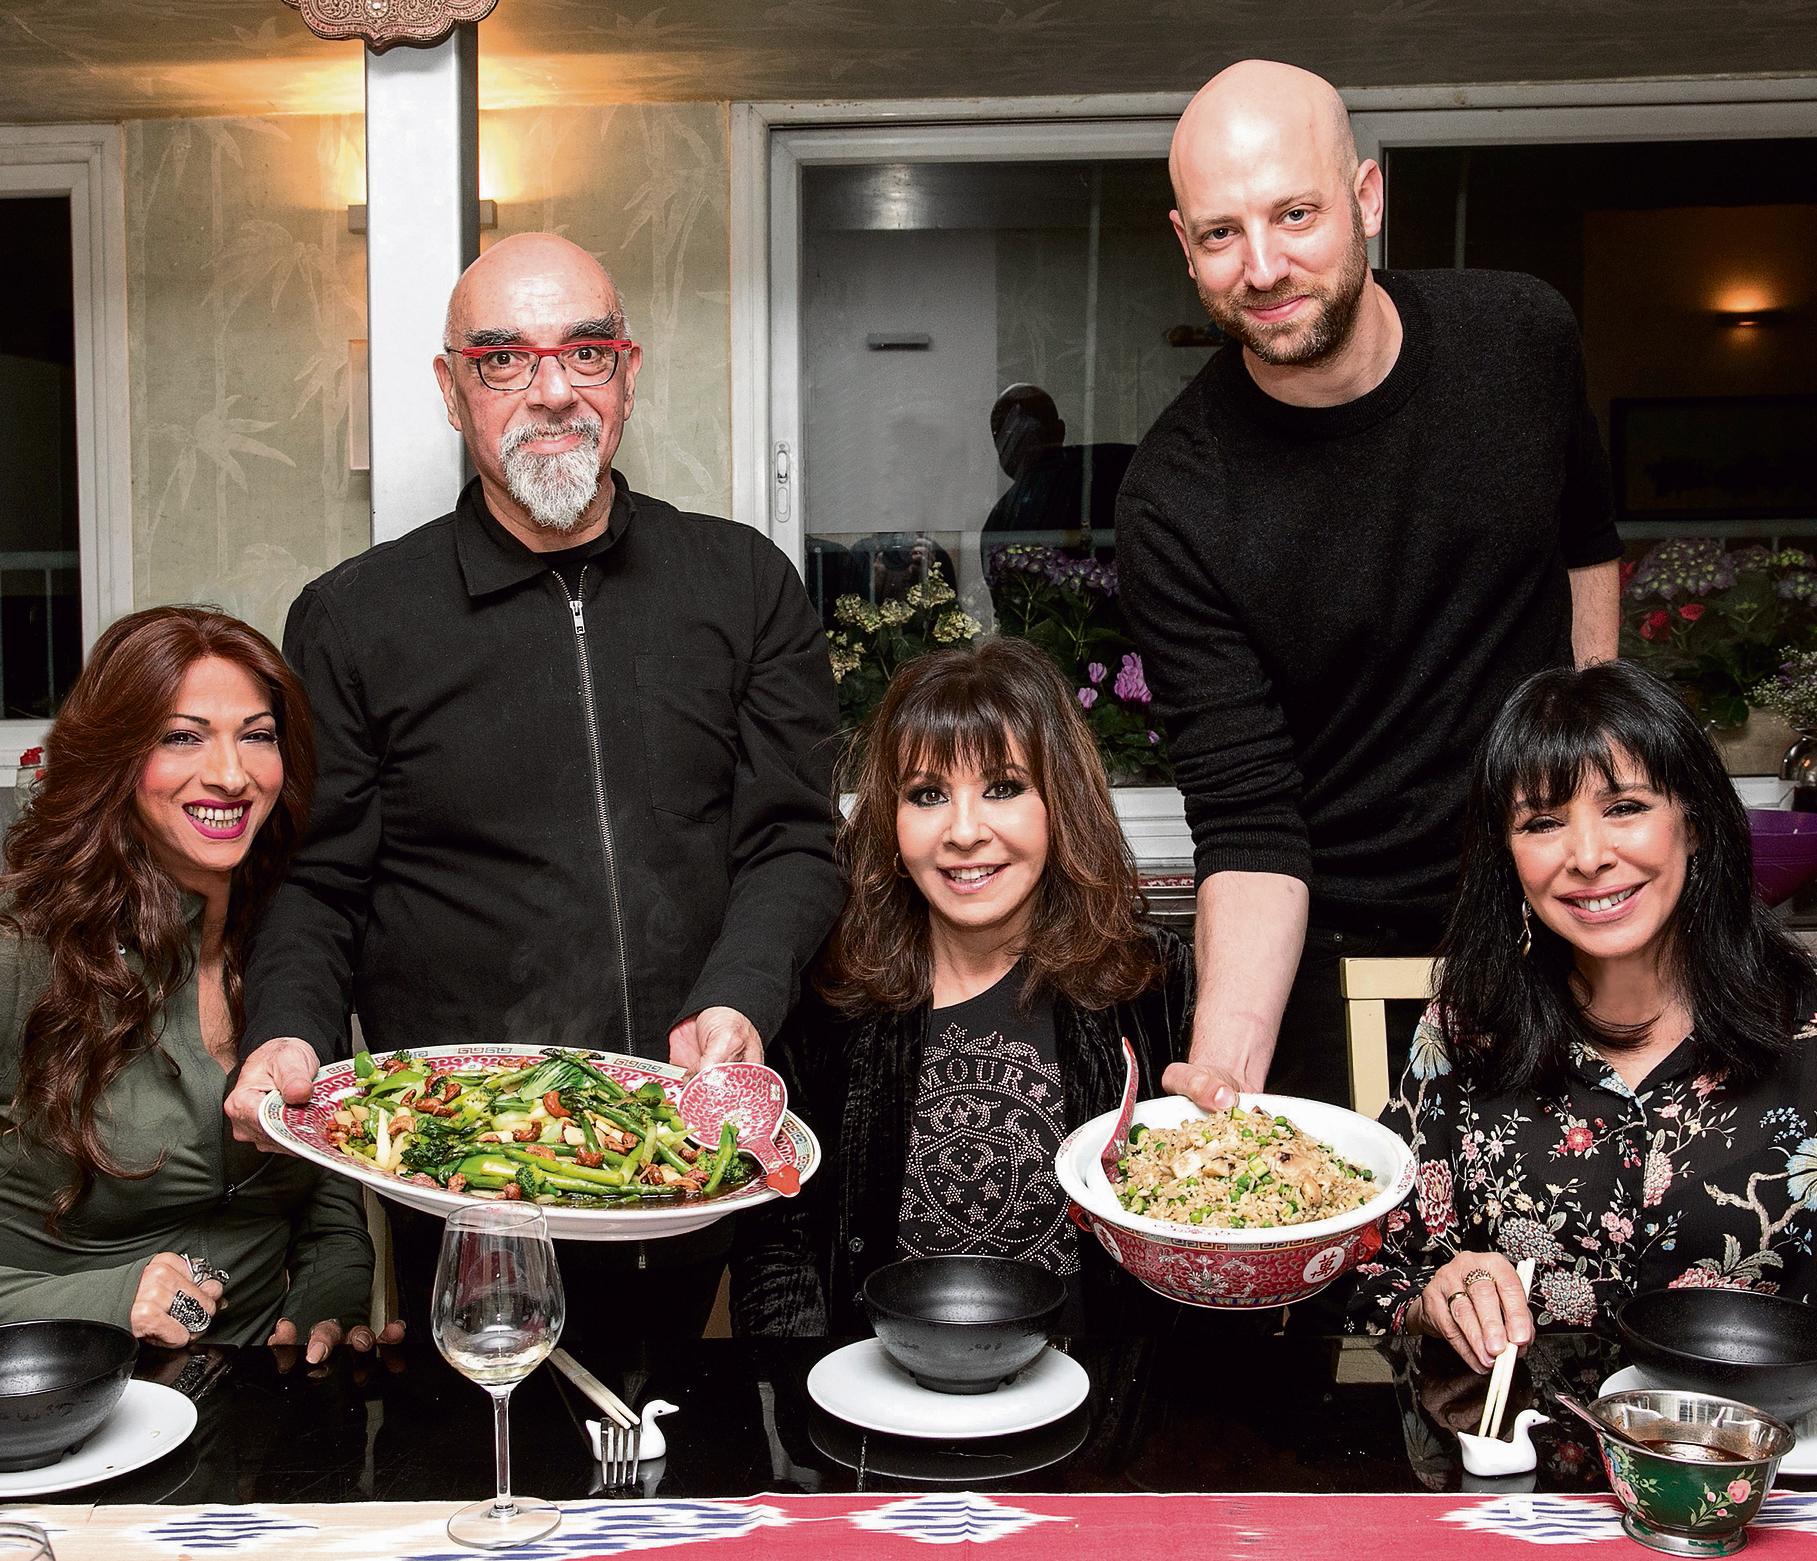 מימין: גלי עטרי,  השף אייל קיצ'ס,  ירדנה ארזי, אהרוני  ודנה אינטרנשיונל.  בשבחי הכוסברה צילום: שי נייבורג